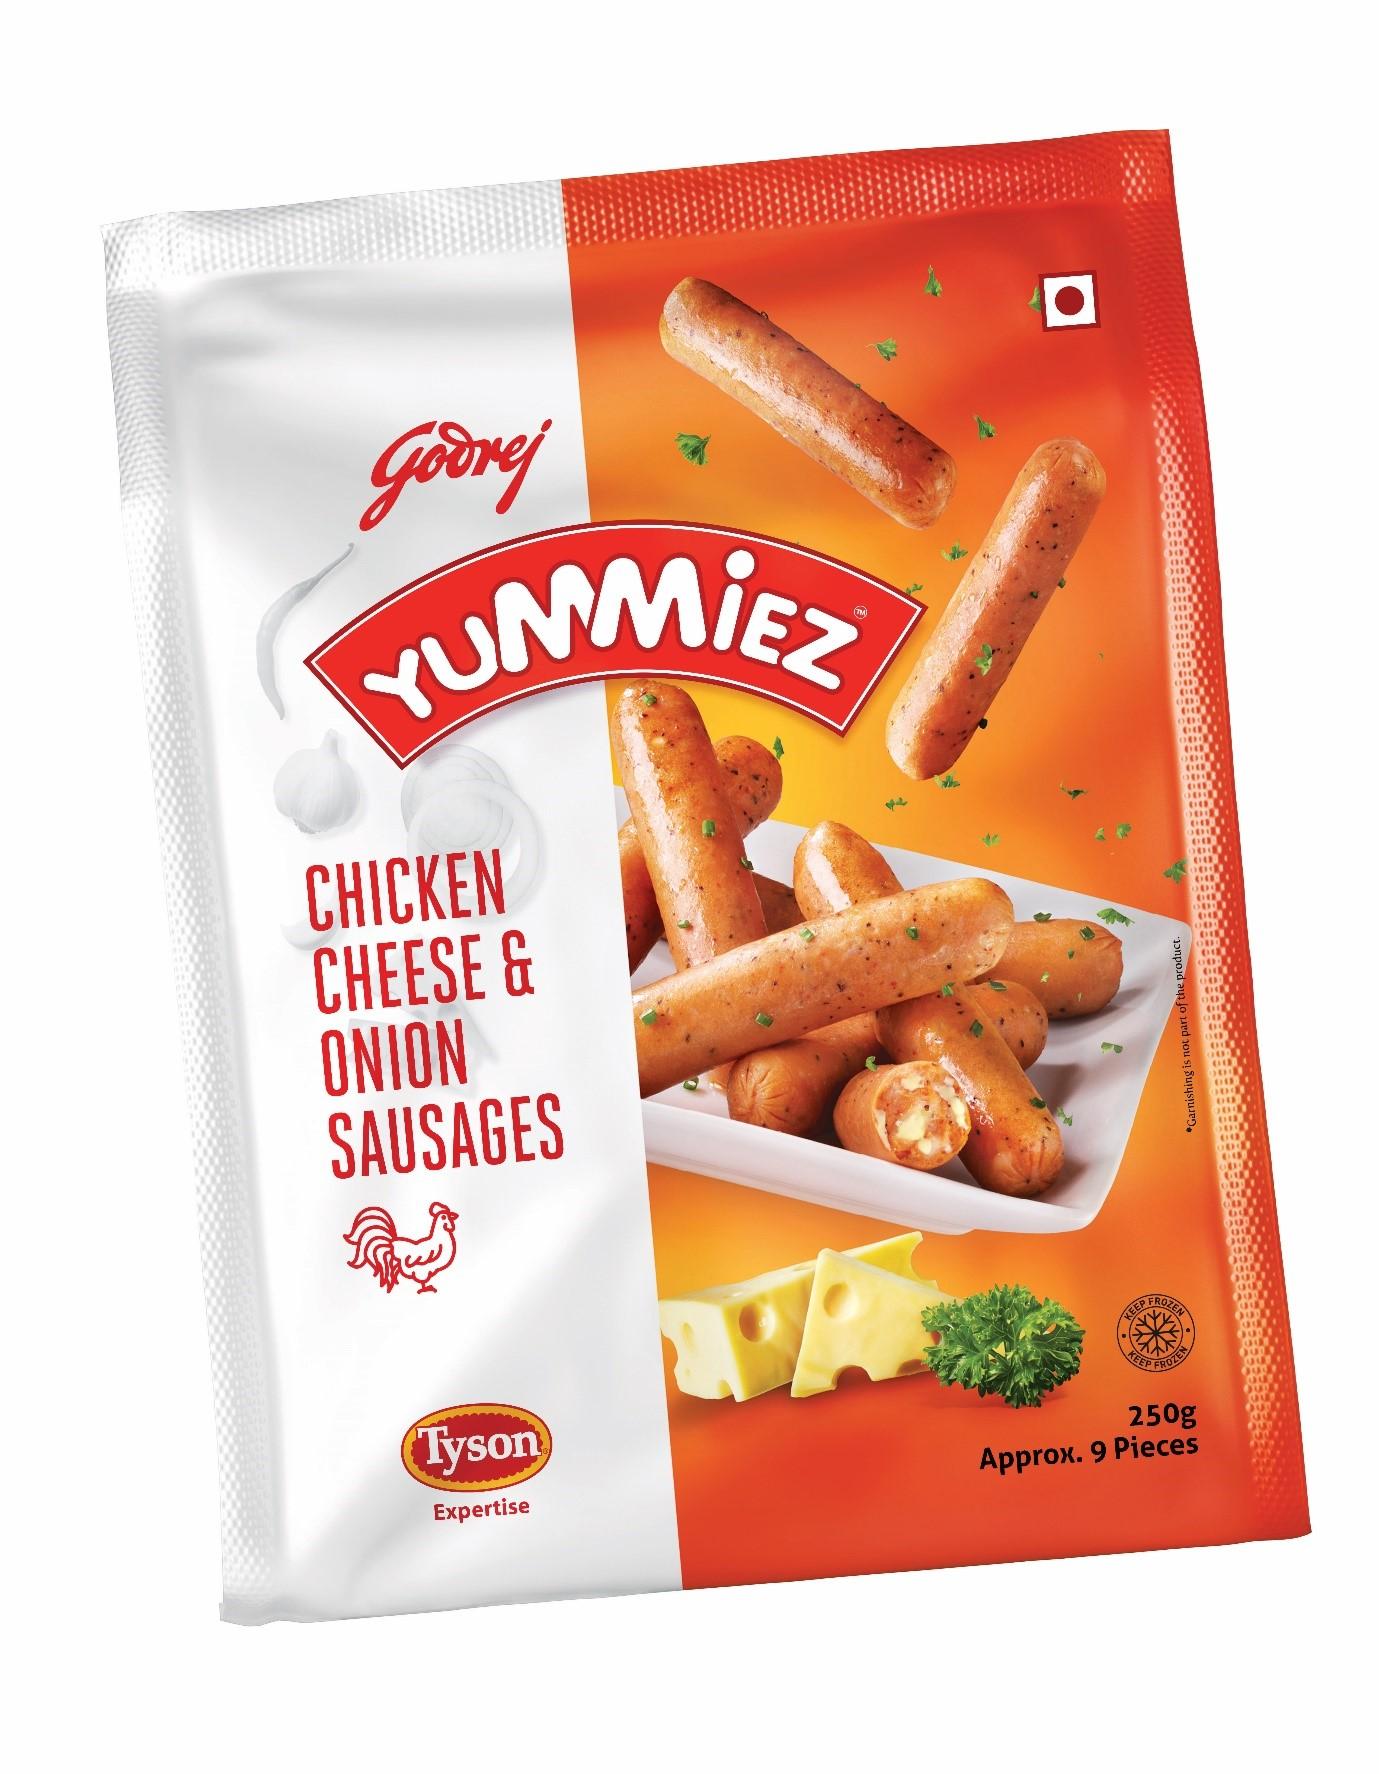 Yummiez  Chicken Cheese & Onion Sausages 250 g